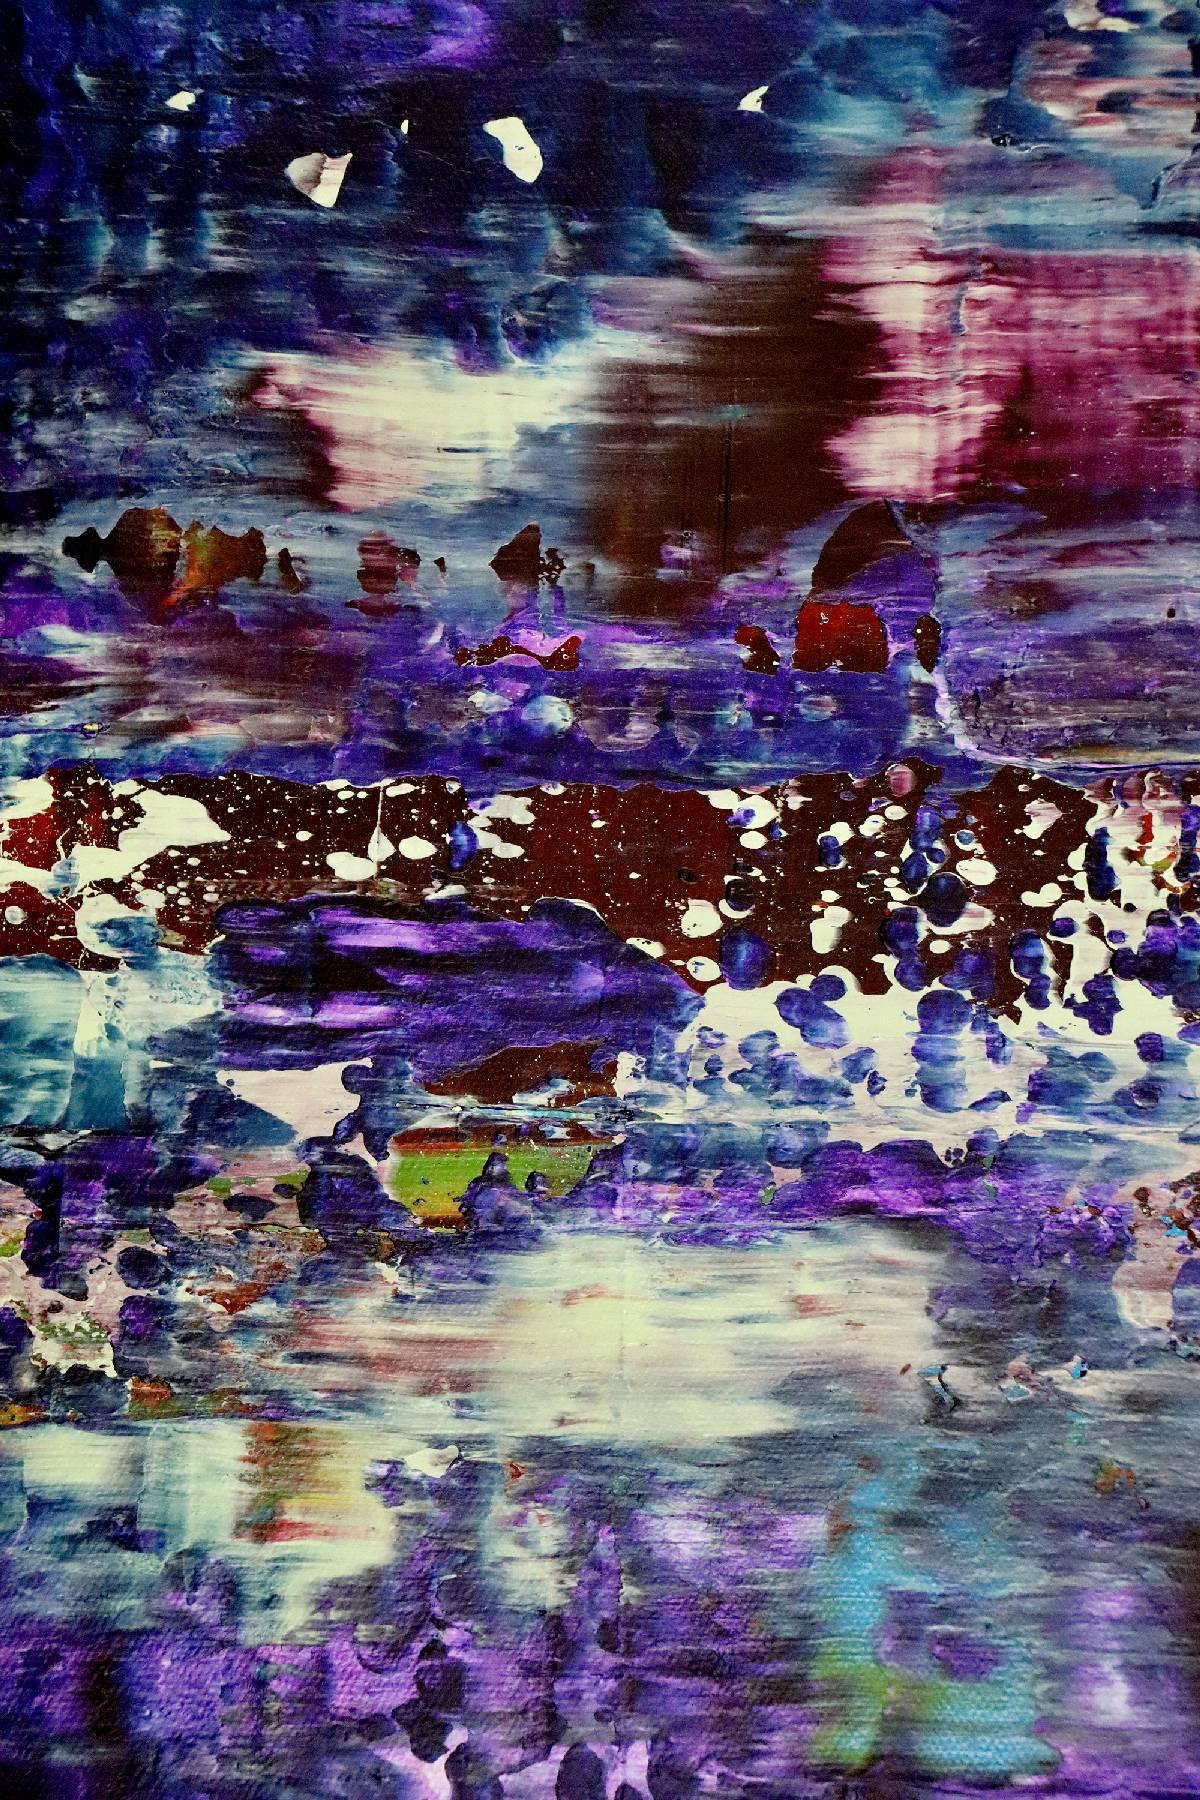 Detail - Amethyst Panorama 2 (2020) by Nestor Toro